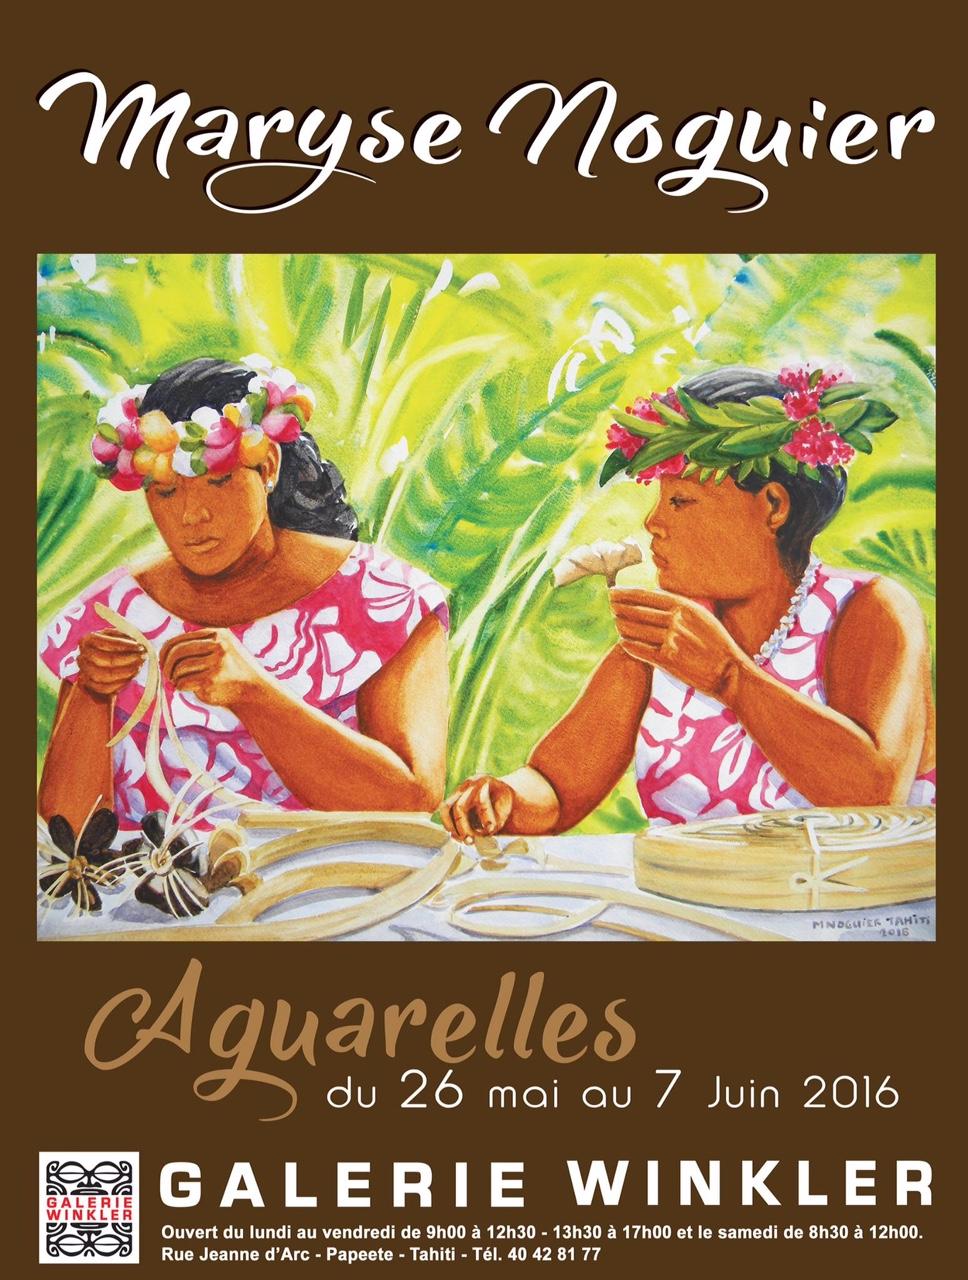 L'hommage aux femmes polynésiennes de Maryse Noguier